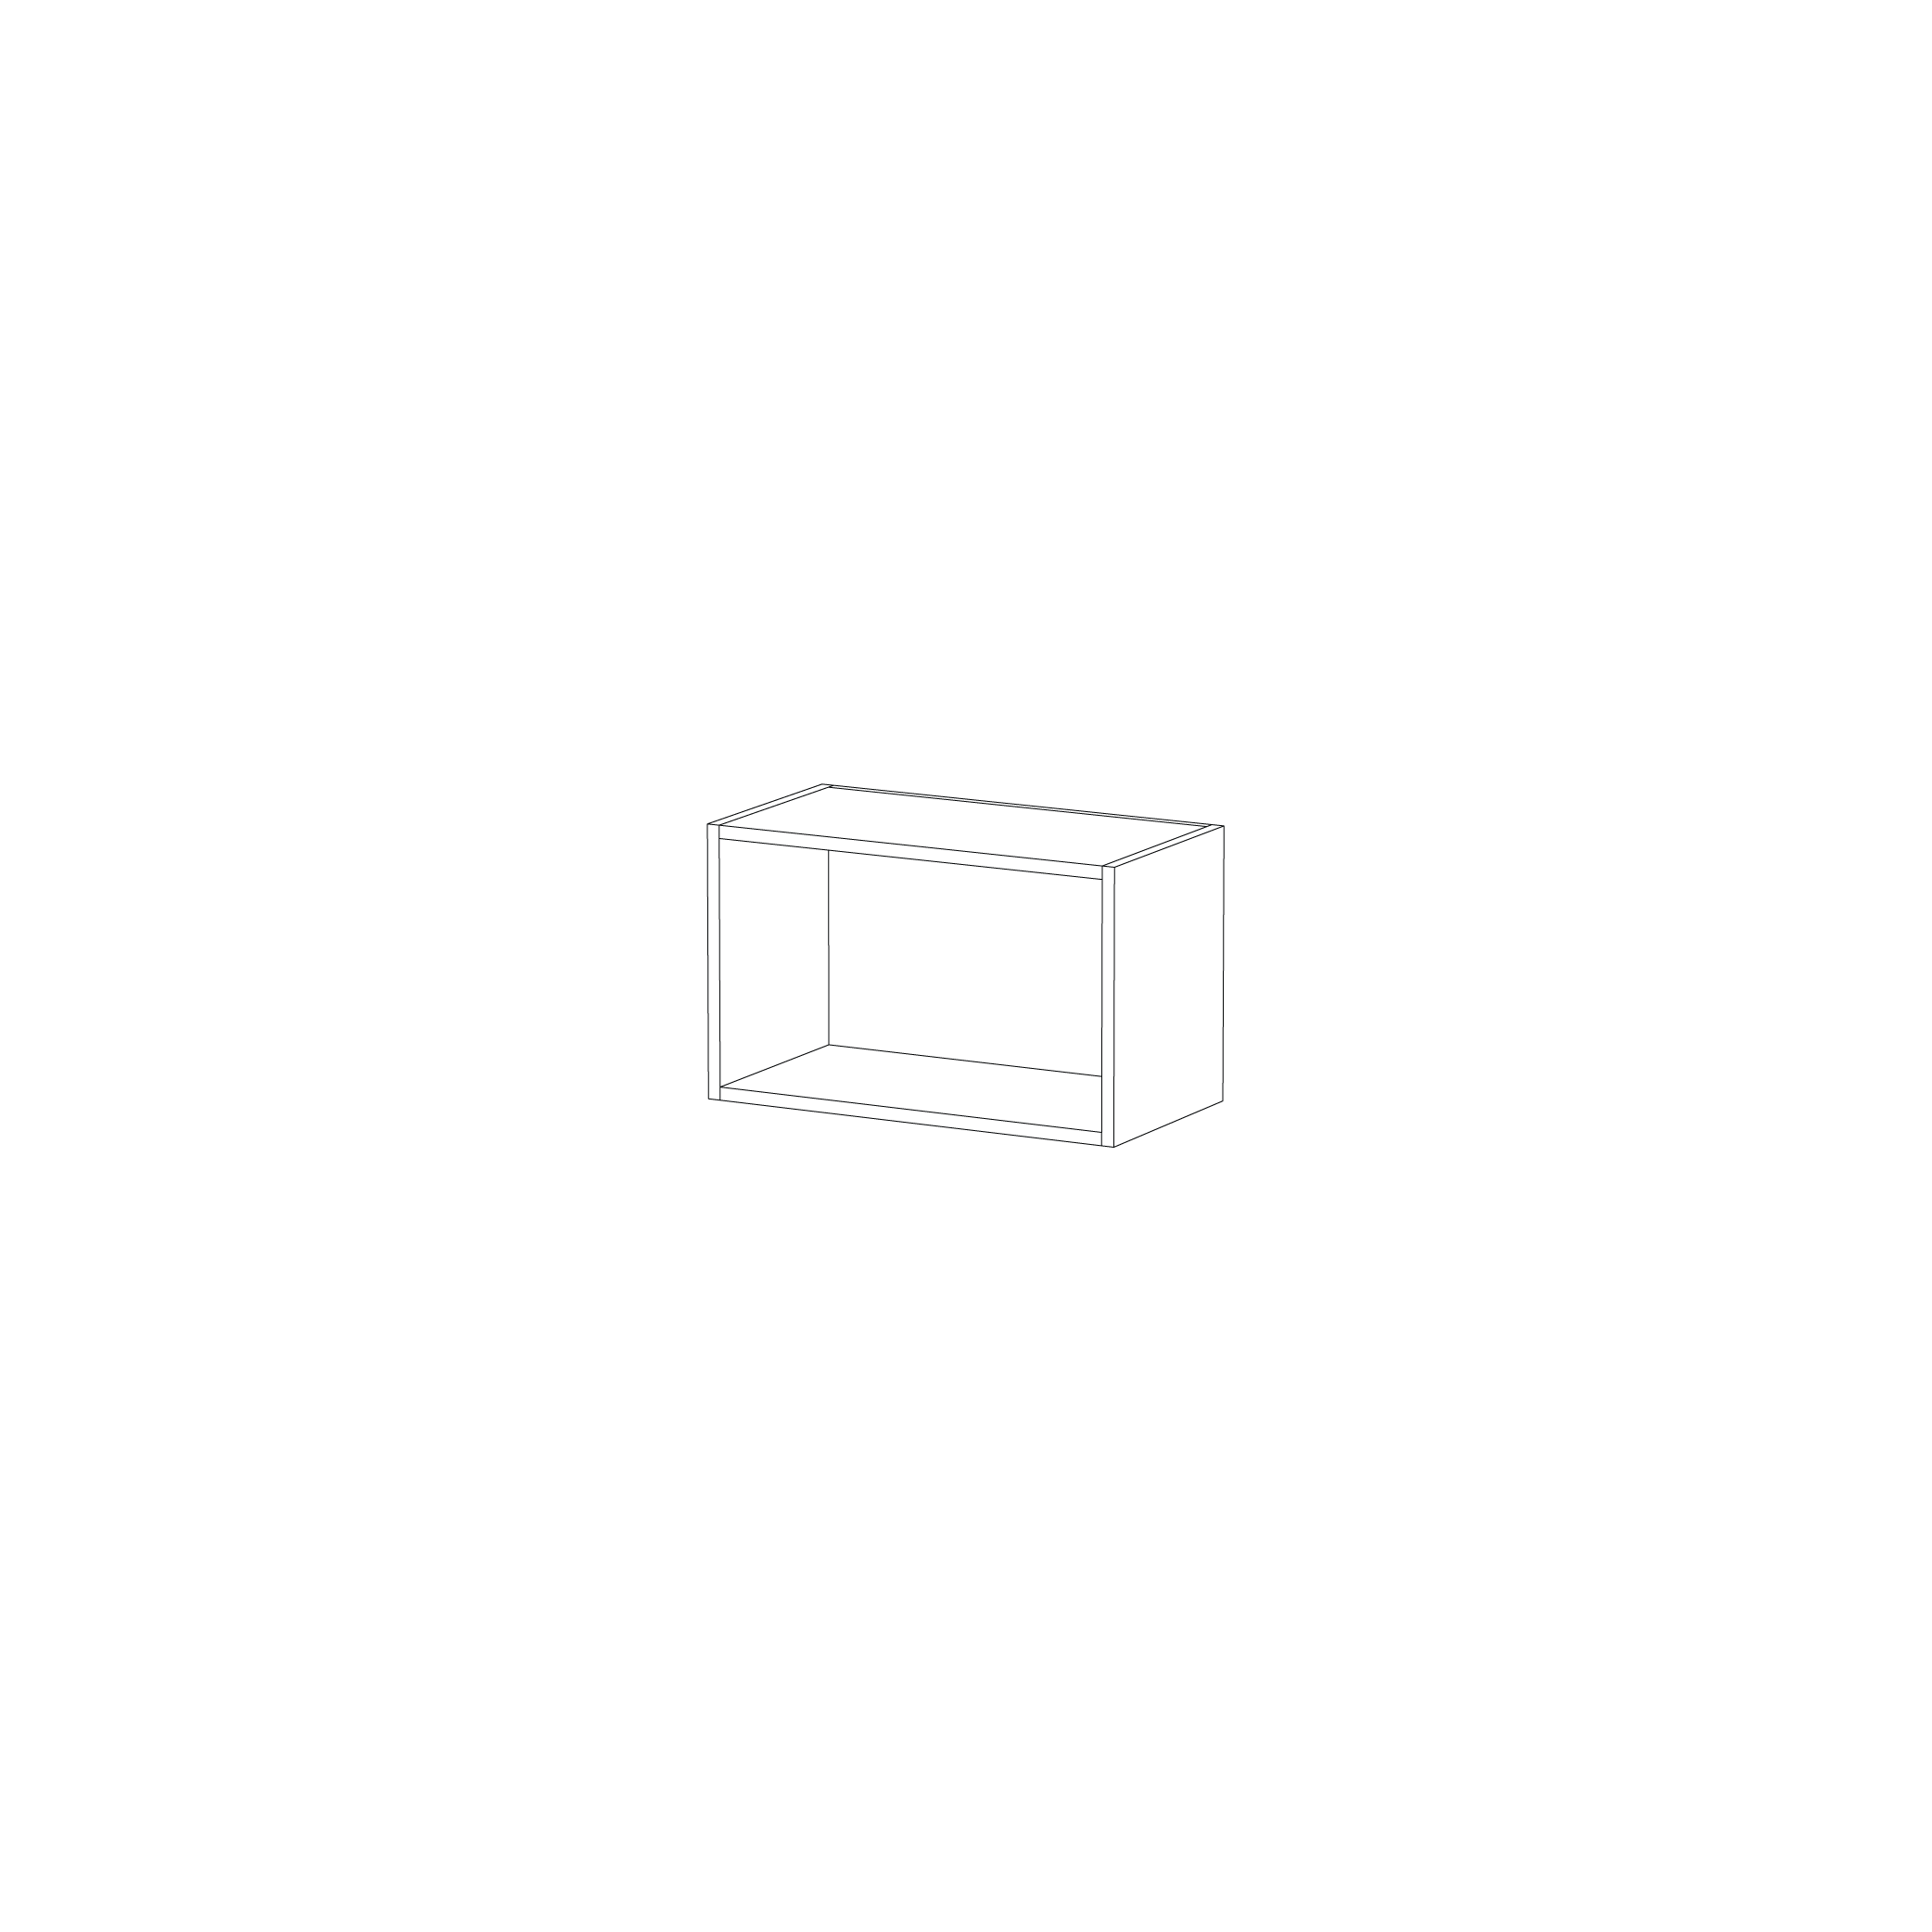 BOOK 1/6